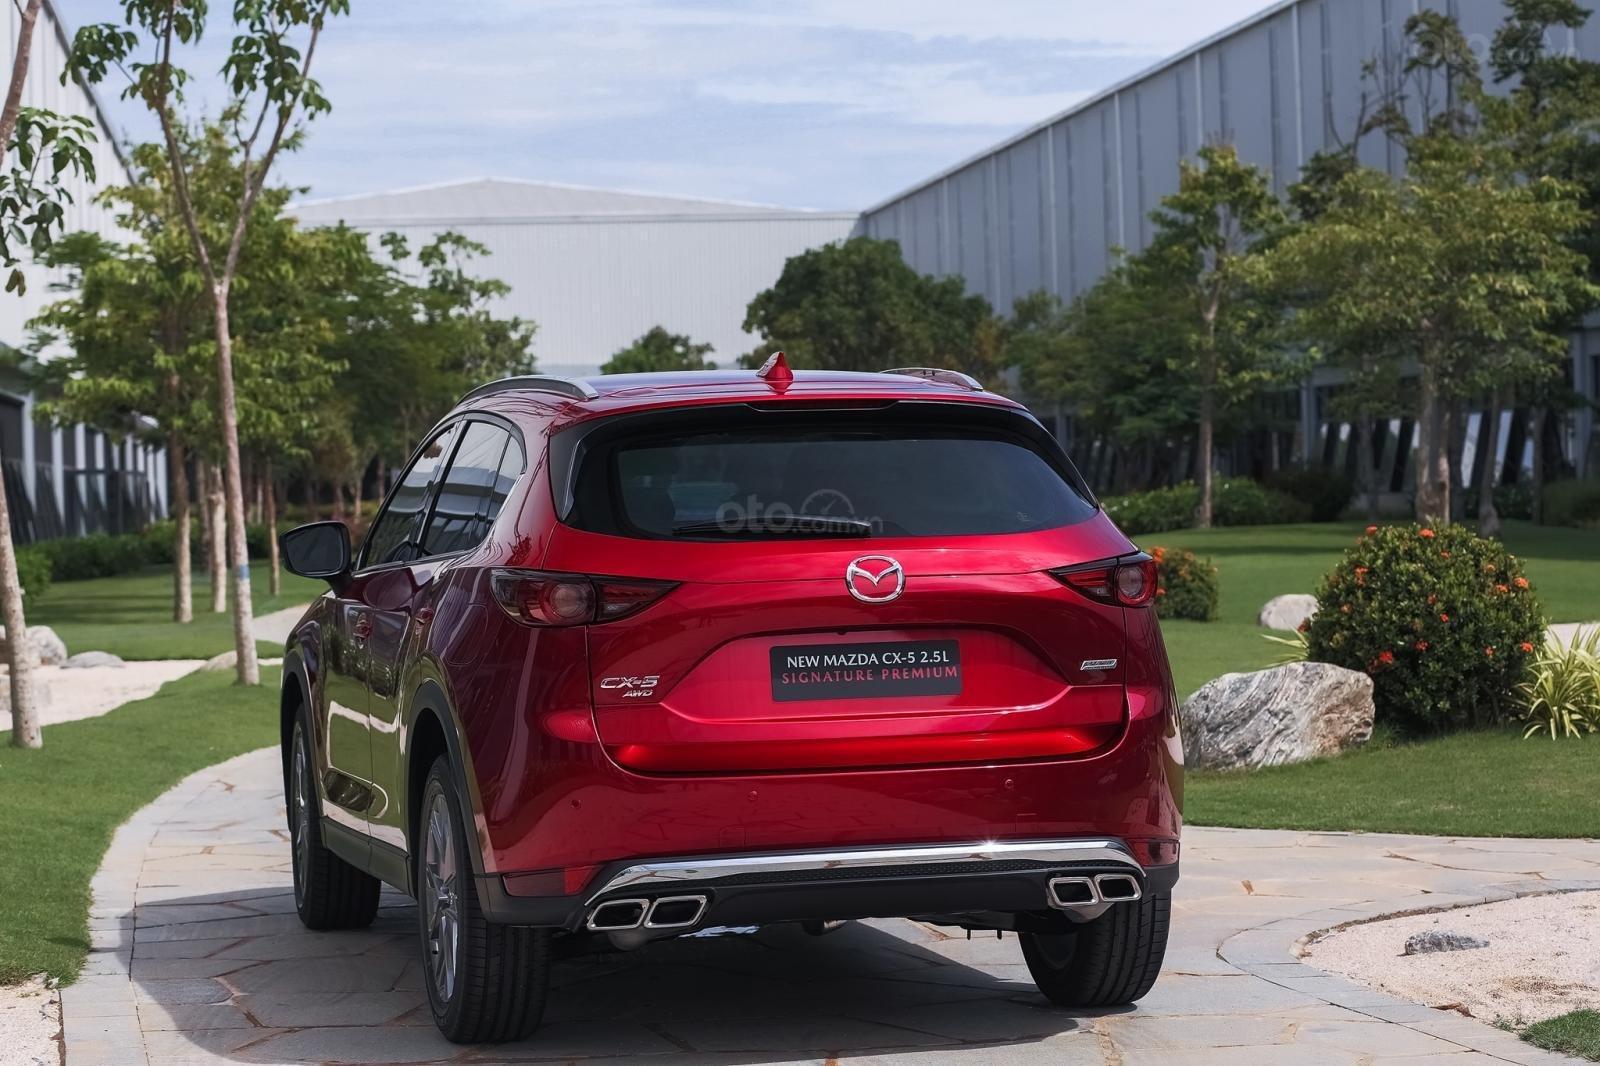 Mazda CX5 mới giảm ngay tiền mặt 85 triệu, thủ tục ngân hàng đơn giản (4)